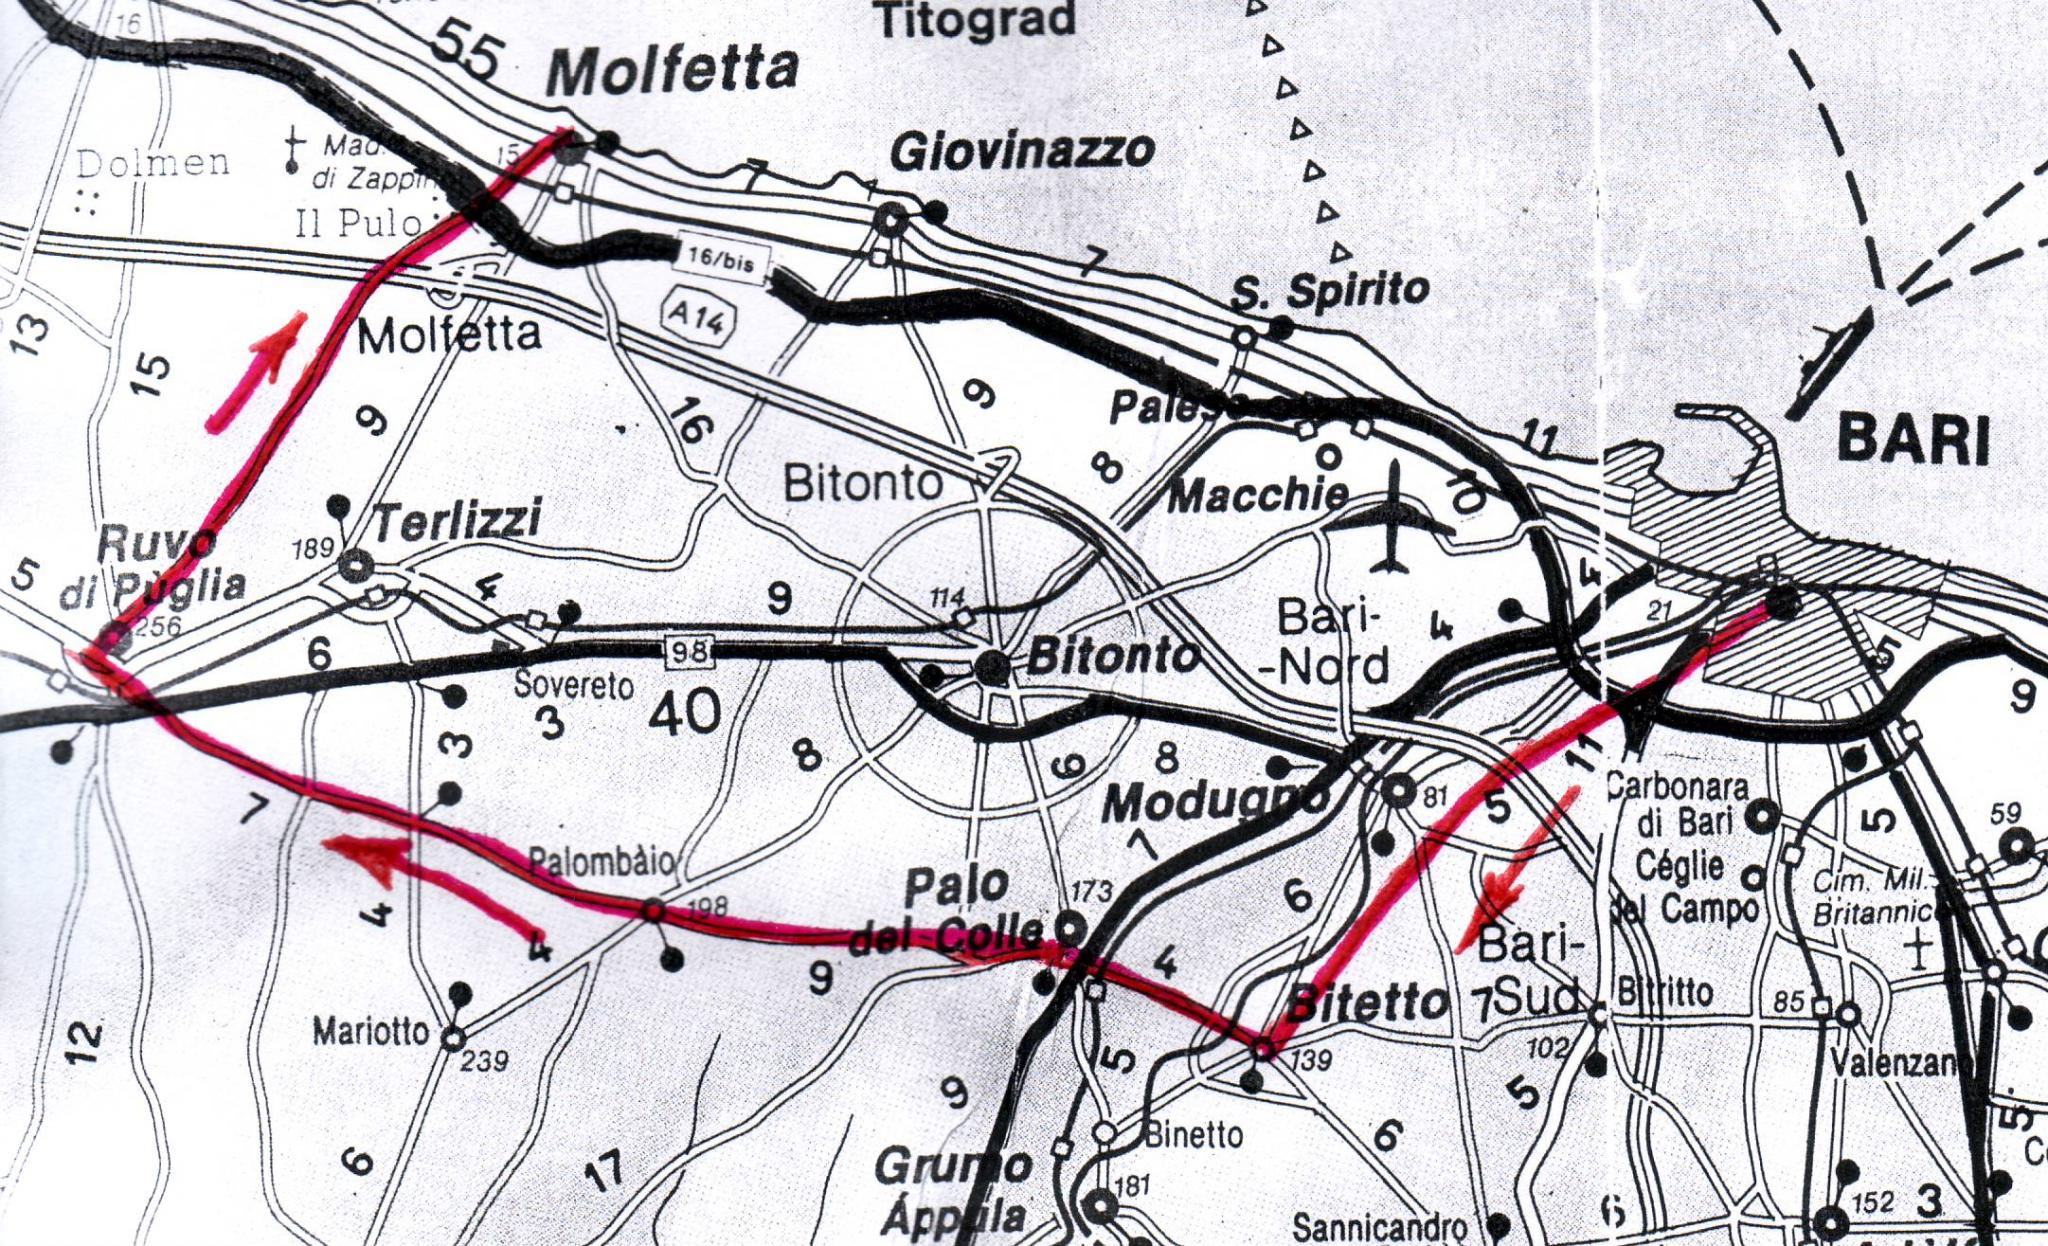 Ruvo Di Puglia Cartina.In Bici A Ruvo Di Puglia Fiab Bari Ruotalibera Associazione Di Ciclisti Urbani